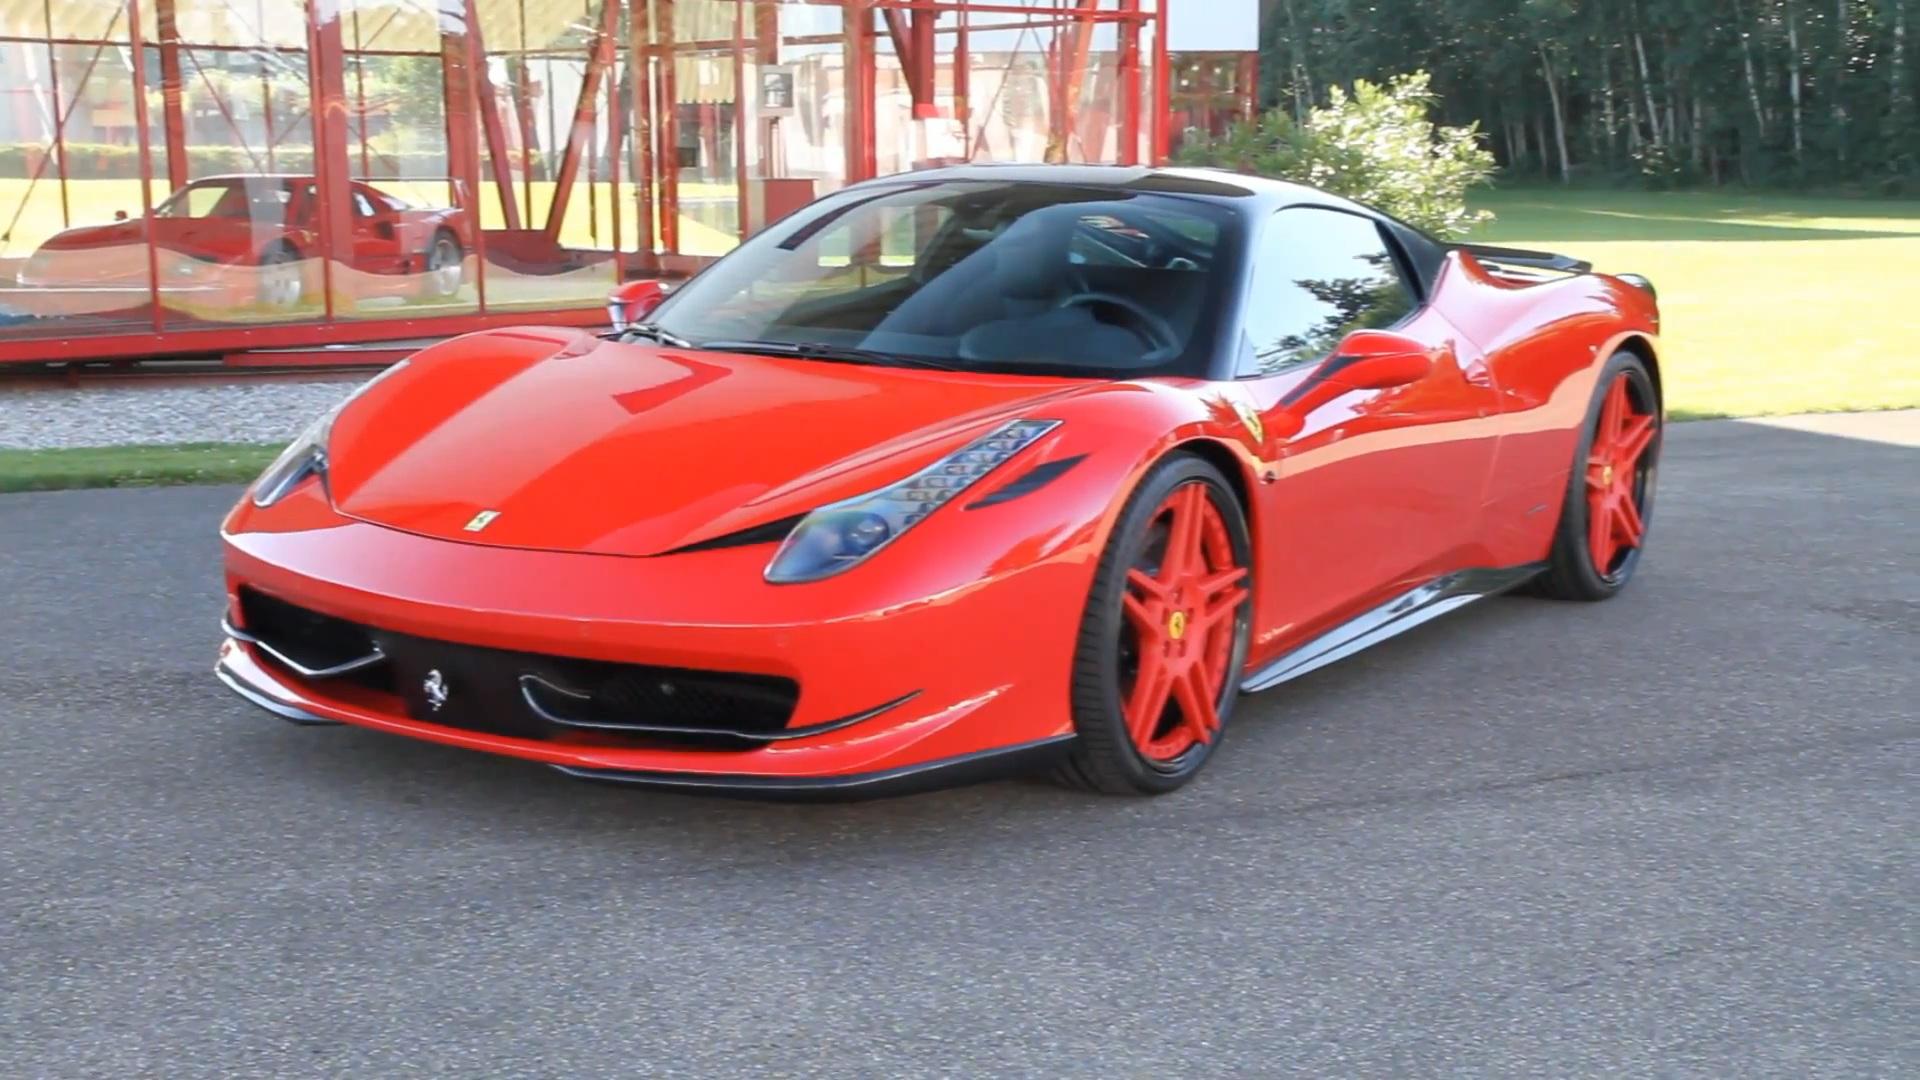 Video: Novitec Rosso Ferrari 458 Italia  Ferrari 458 Spider Red